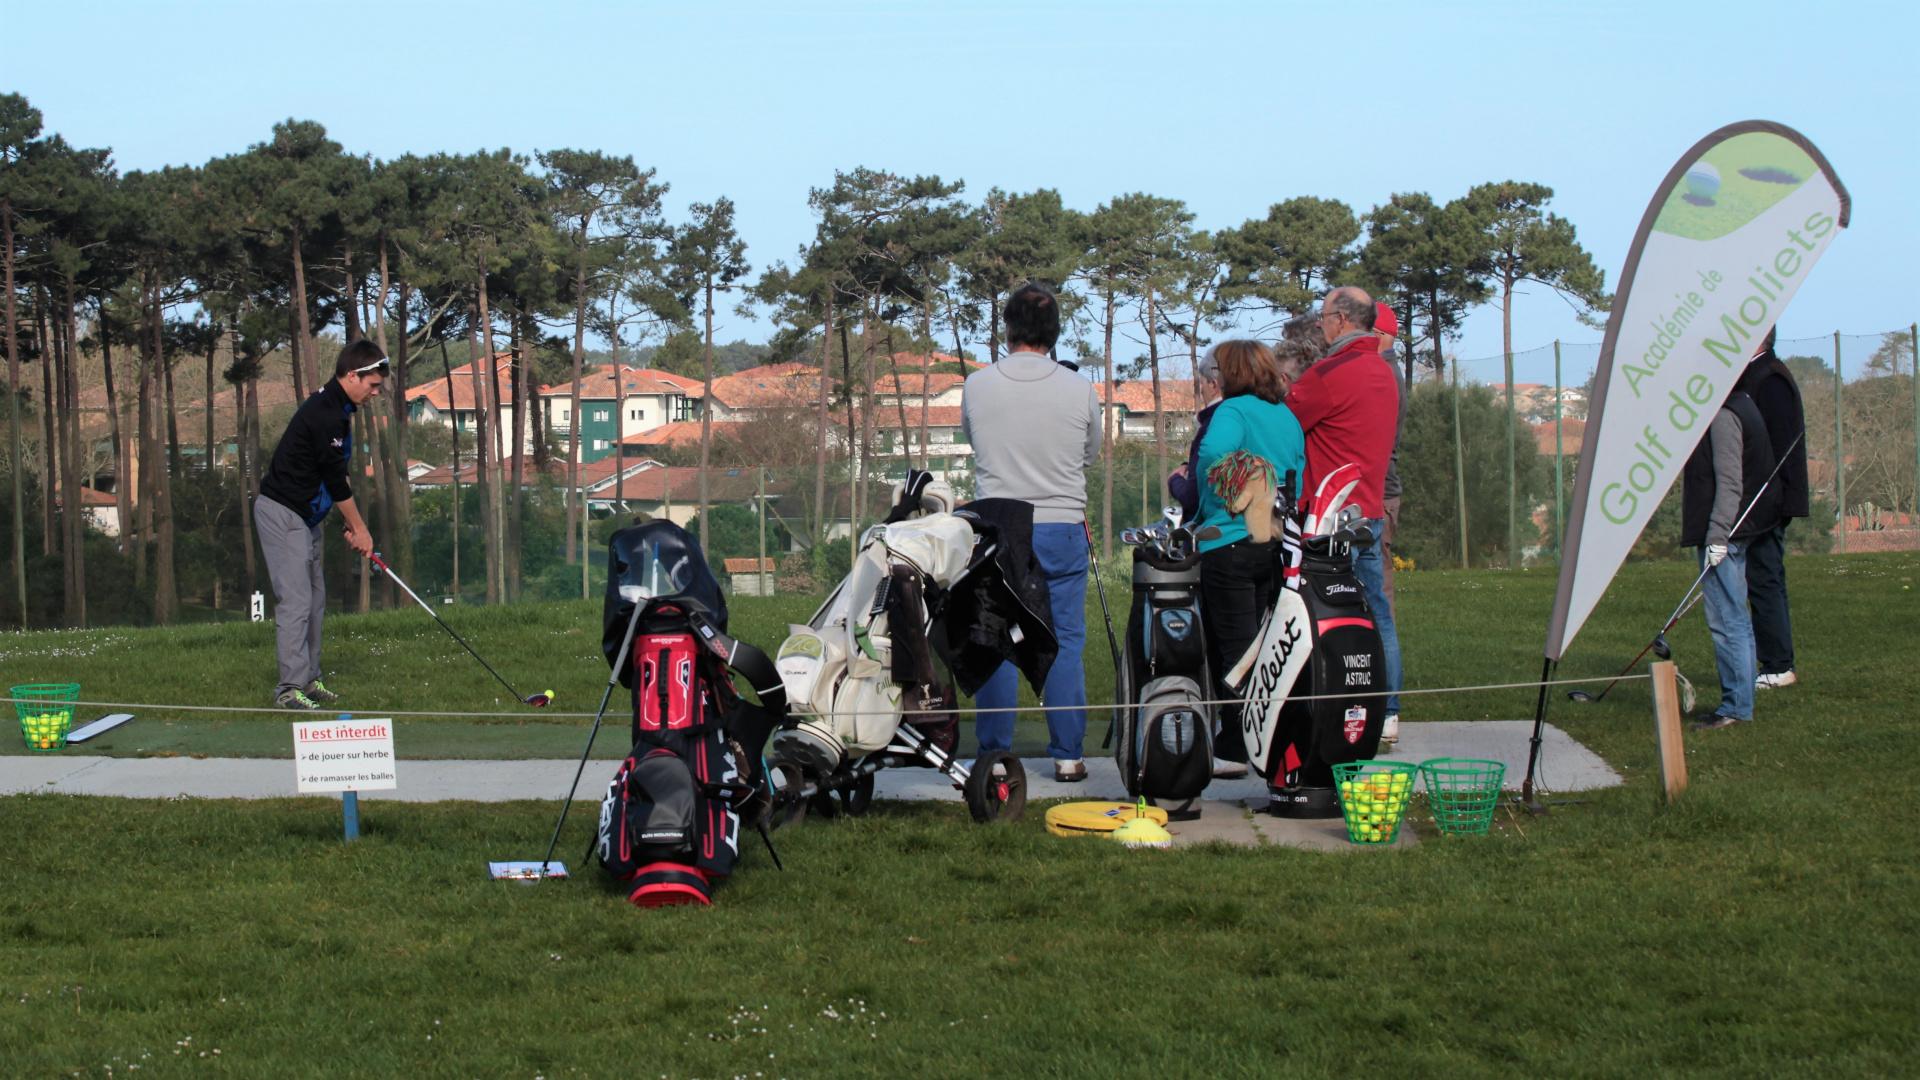 Inscrivez-vous aux initiations gratuites sur le practice tout les dimanches Du Golf de Moliets : parcours 9 trous, 18 trous plus beaux golfs des Landes, entre Bordeaux et Biarritz en Aquitaine. A côté de la forêt, de l'océan, réservez vos green-fee